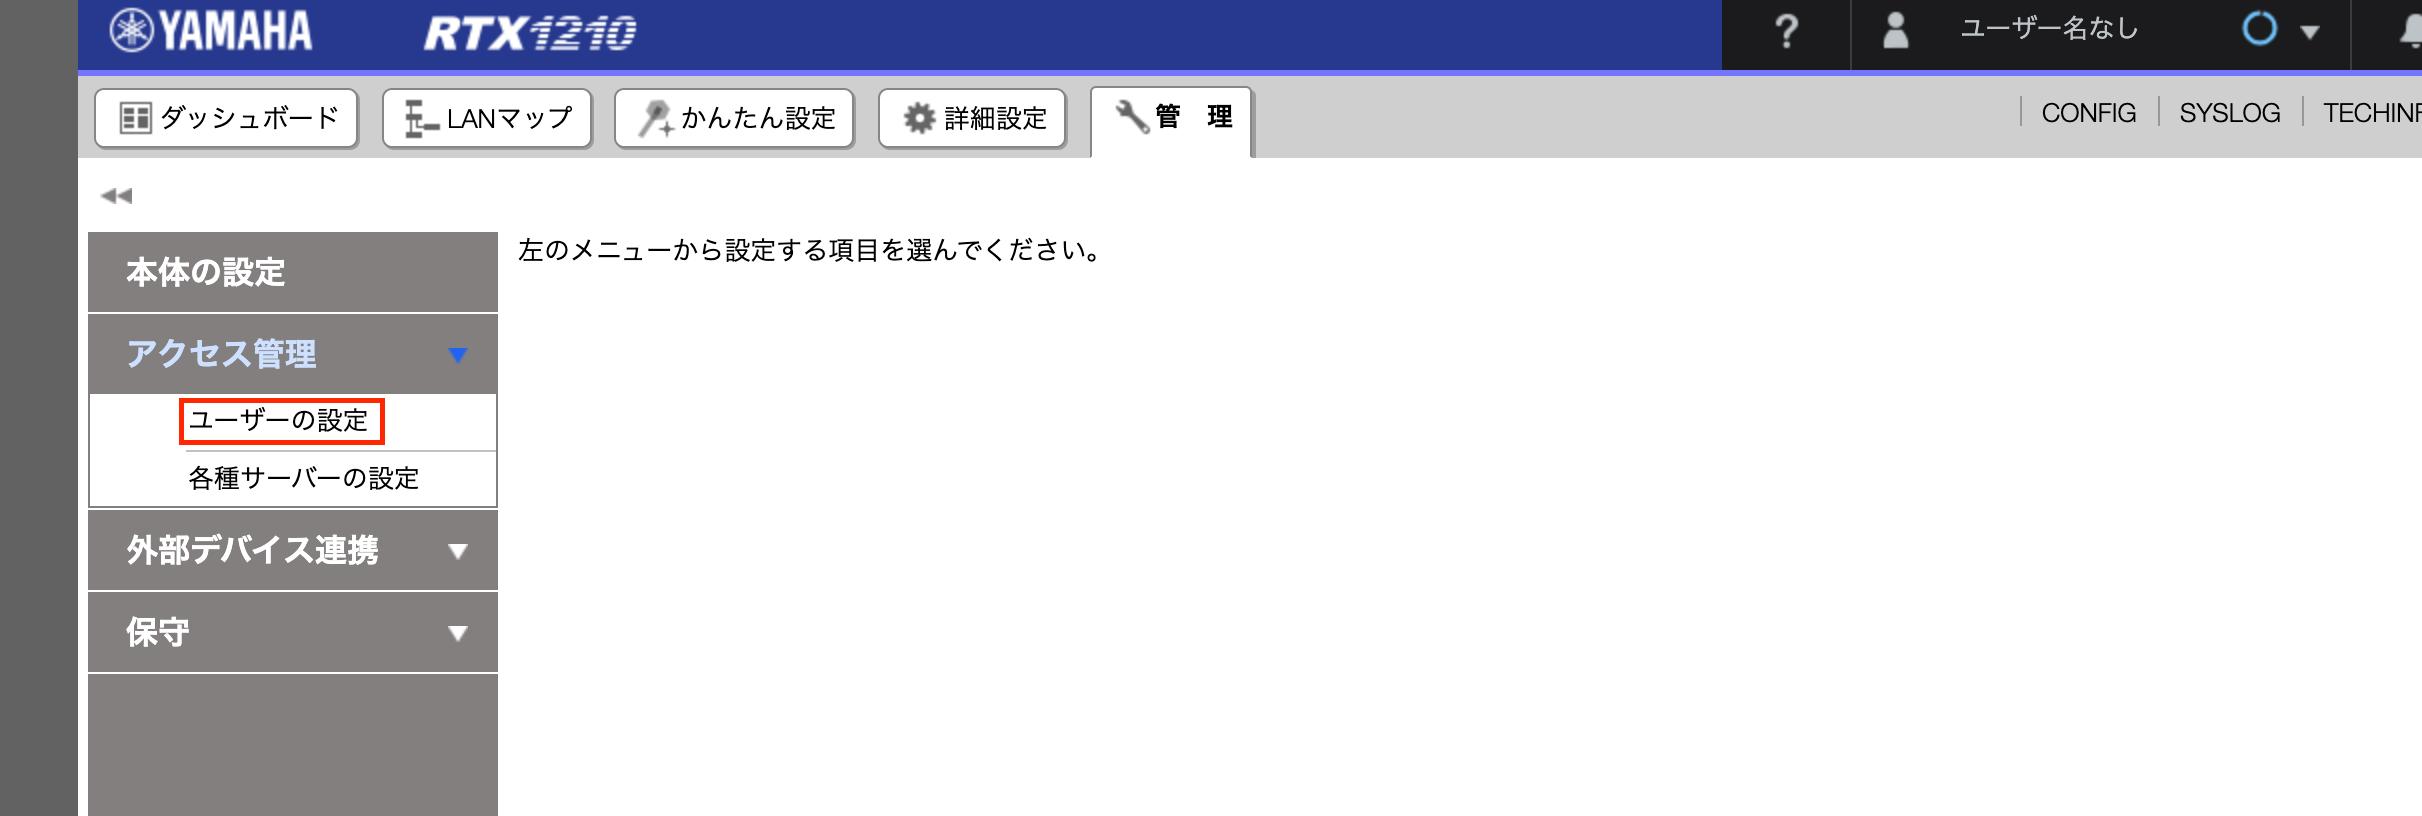 スクリーンショット 2020-04-05 13.51.48.png